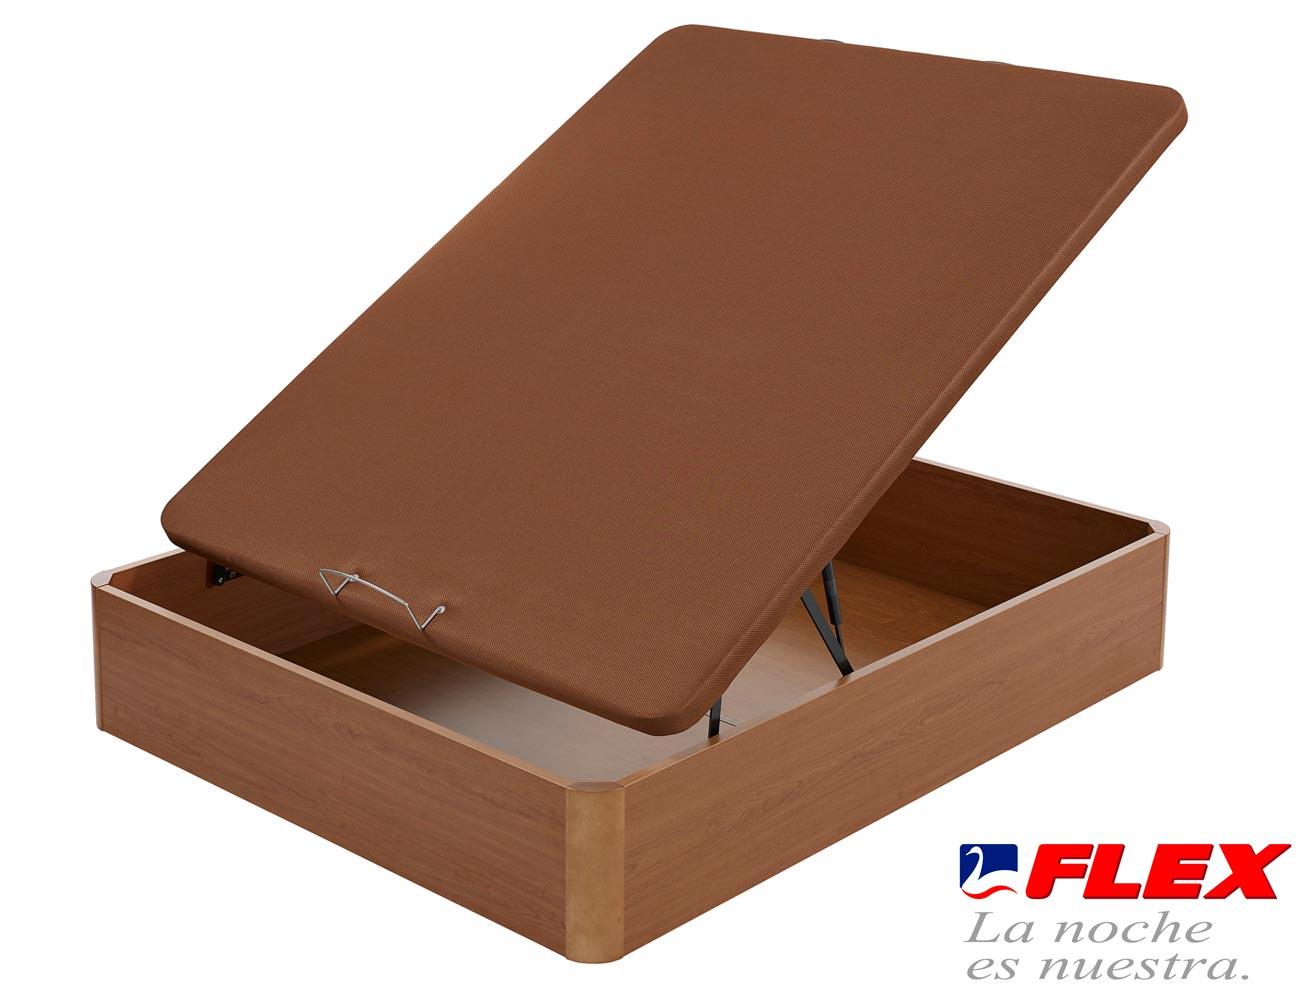 Canape flex madera abatible tapa3d 8312